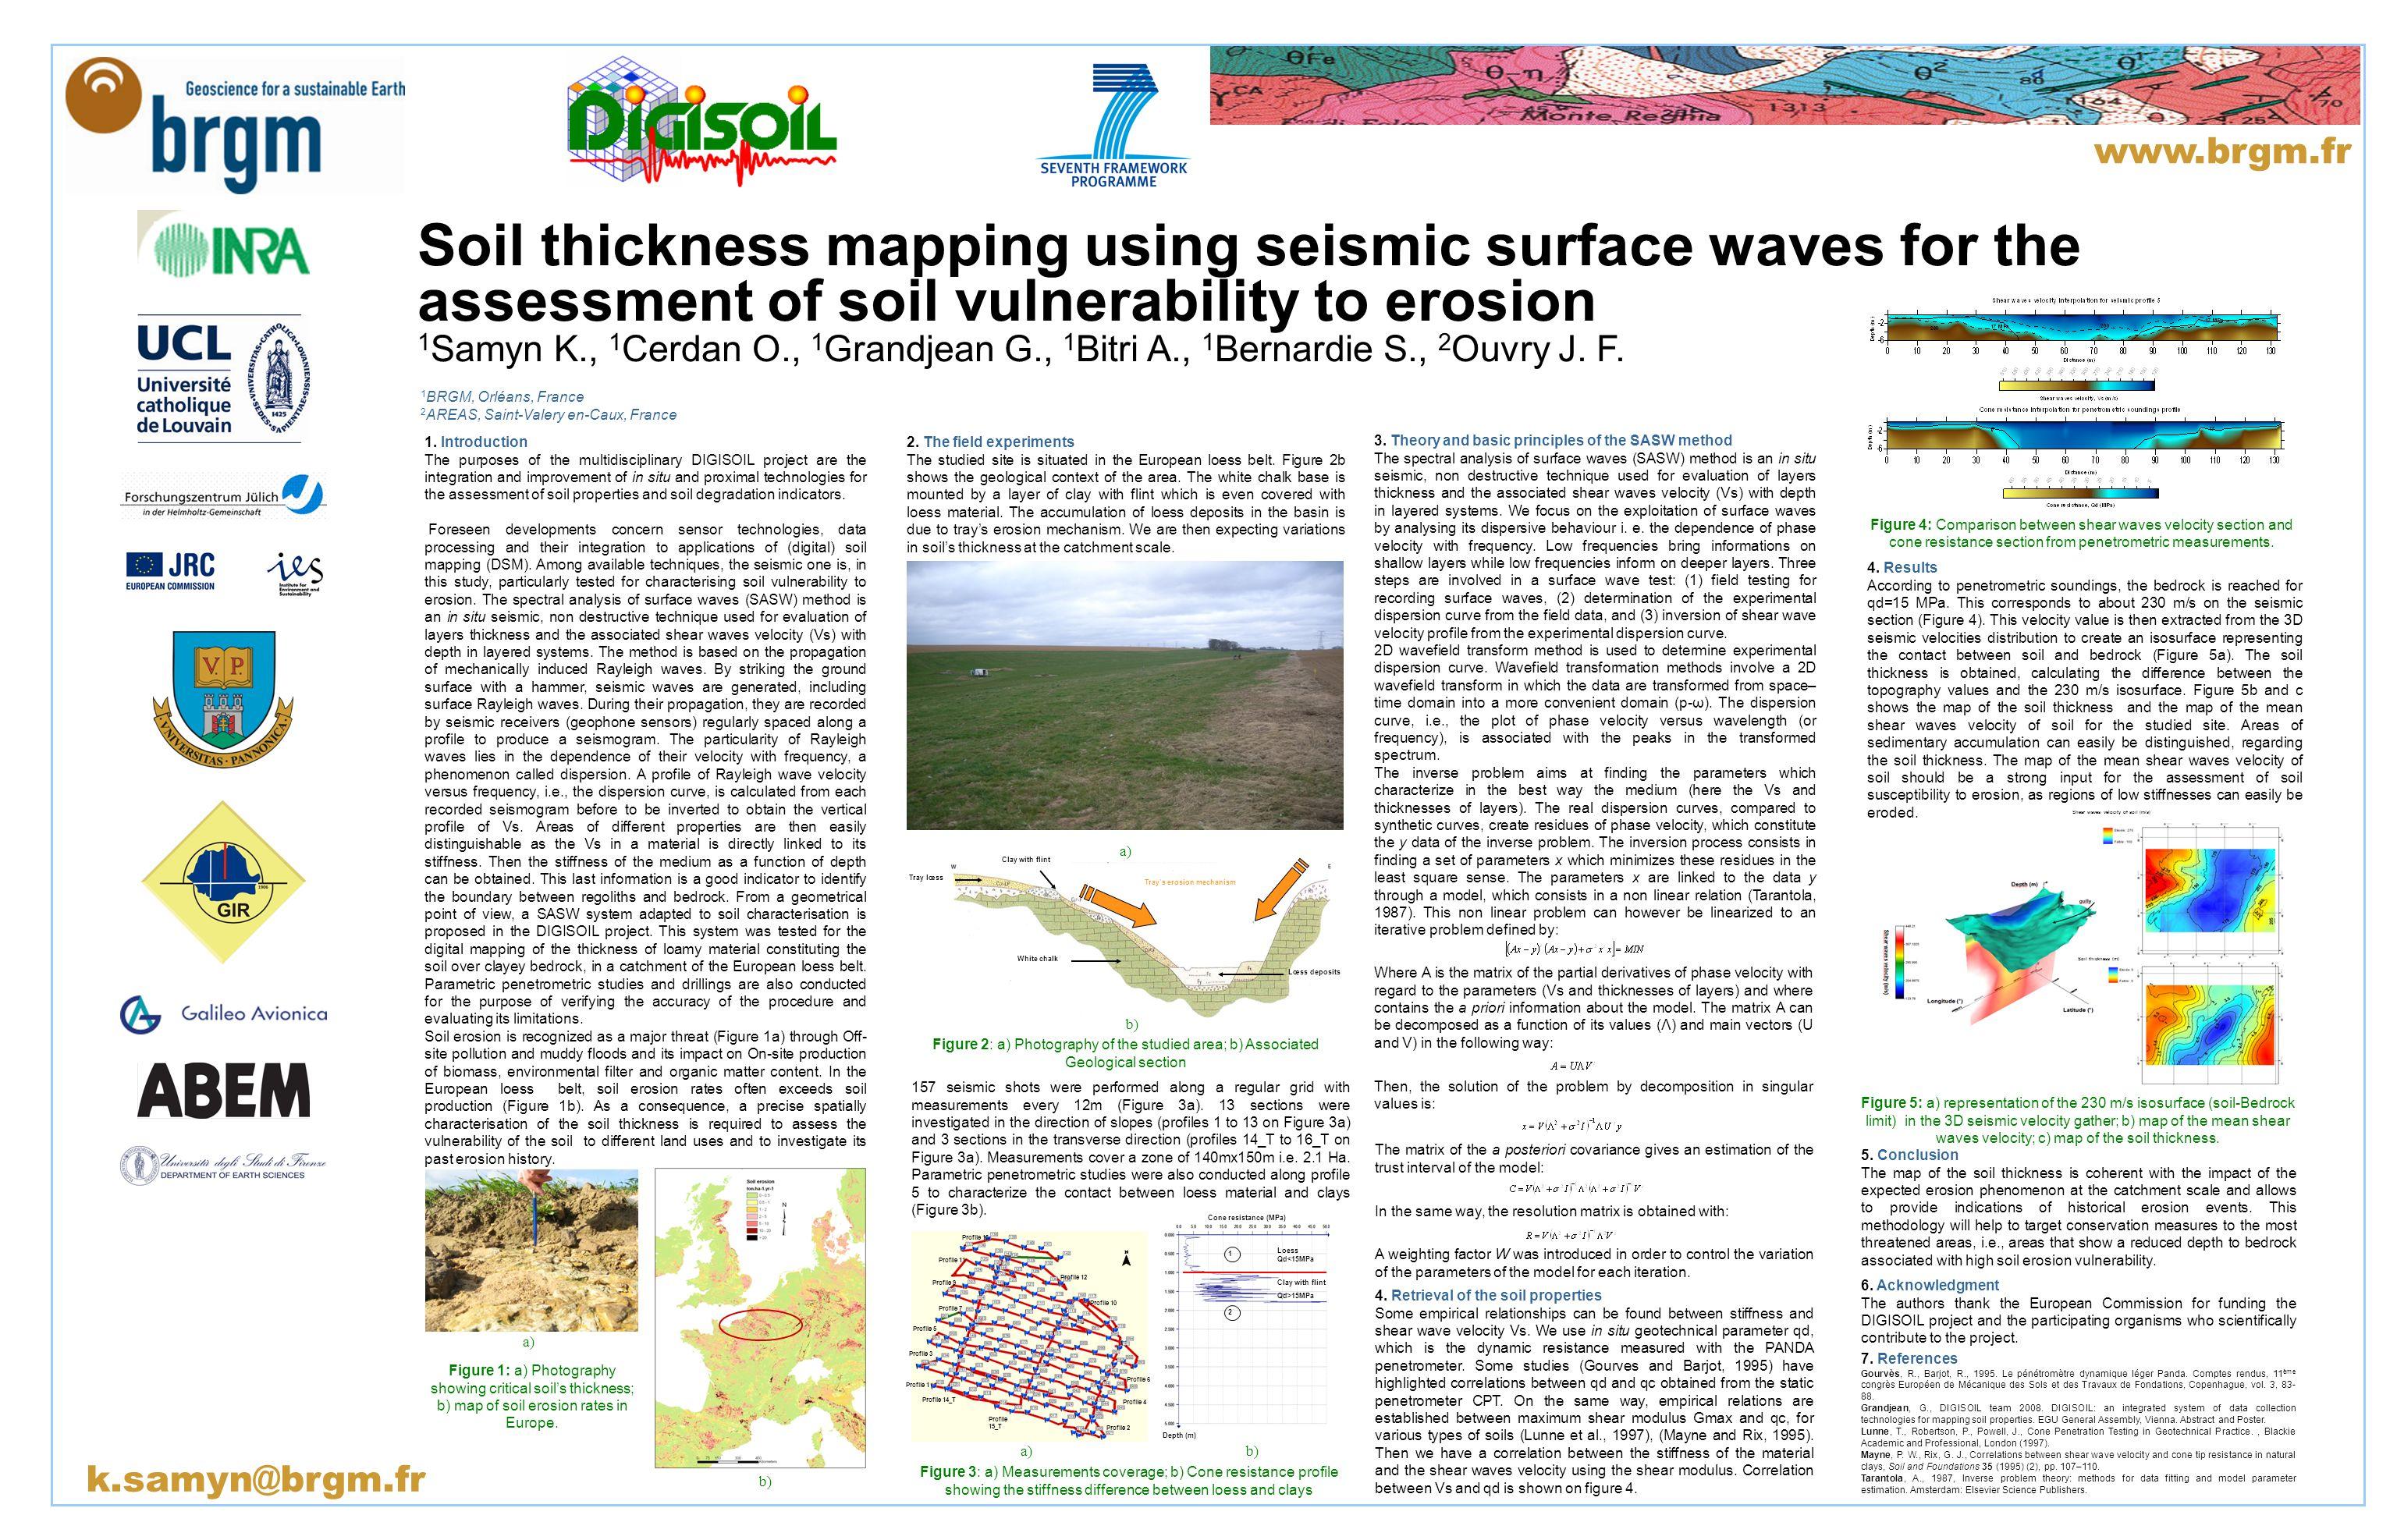 Soil thickness mapping using seismic surface waves for the assessment of soil vulnerability to erosion 1 Samyn K., 1 Cerdan O., 1 Grandjean G., 1 Bitr